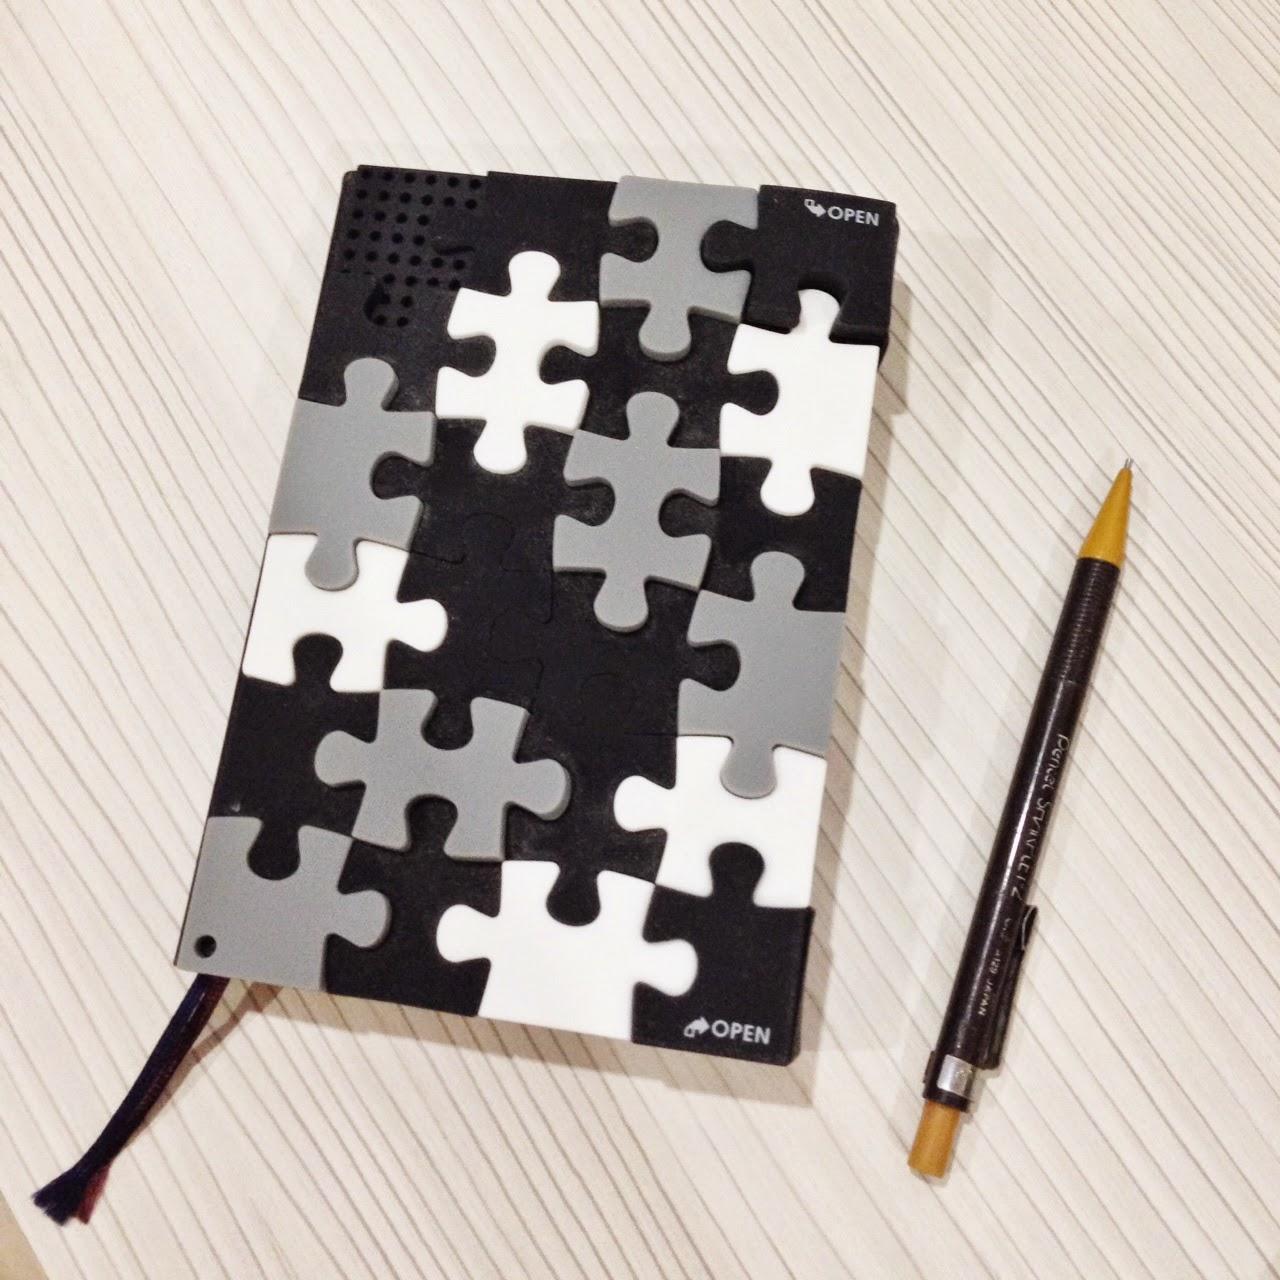 Notebook freebies